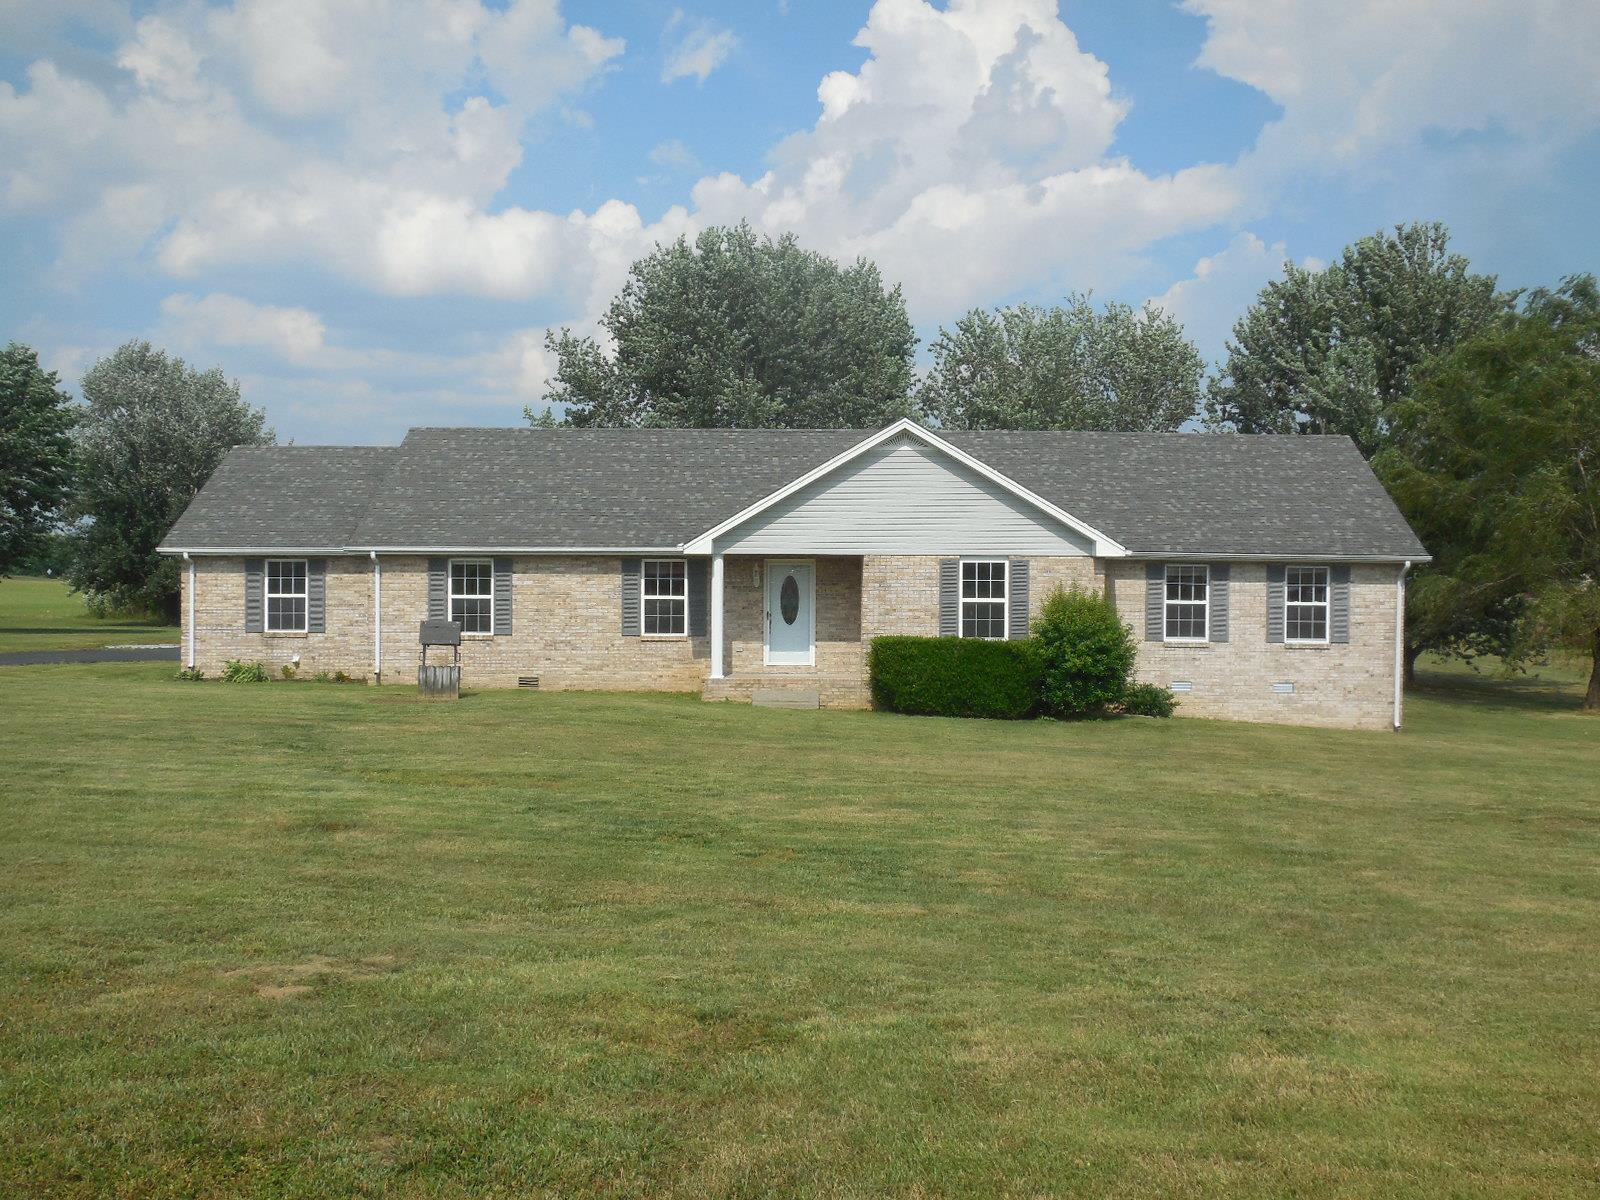 5060 Leath Ln, Westmoreland, TN 37186 - Westmoreland, TN real estate listing